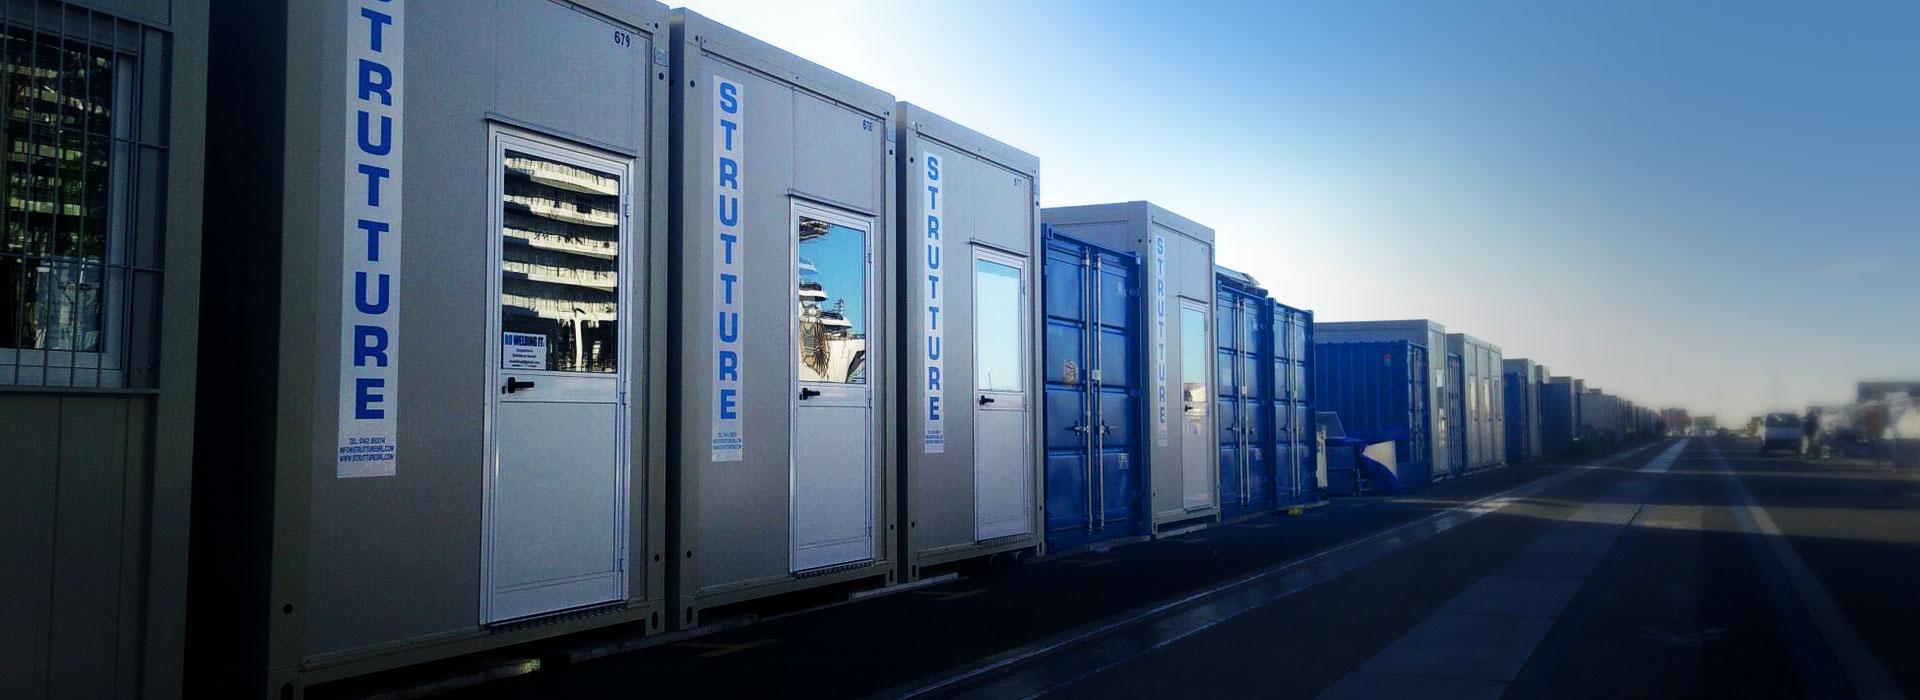 strutture-monoblocchi-container-01b